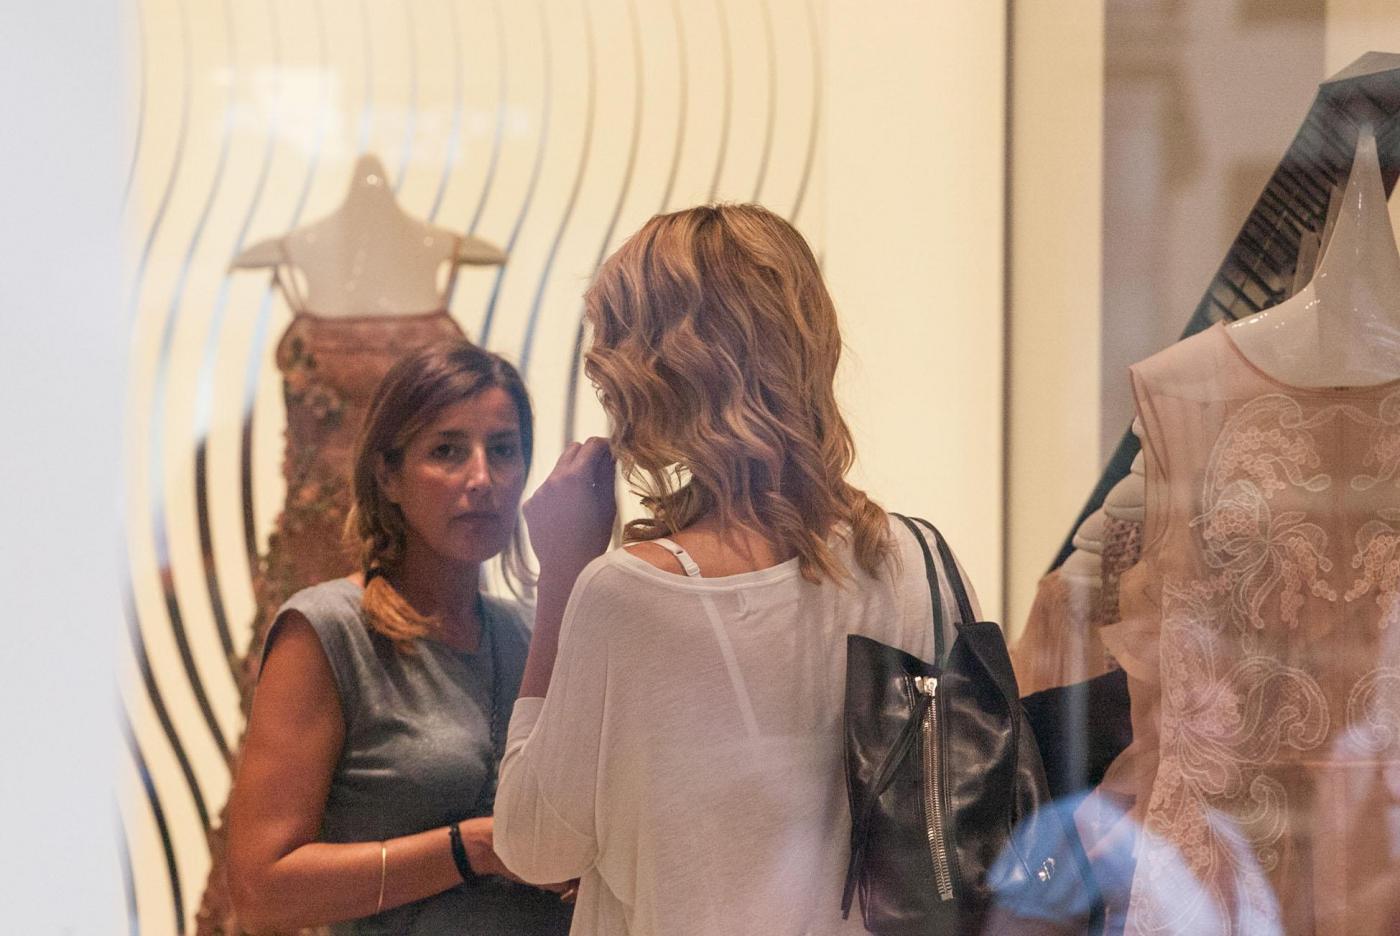 Elena Santarelli magrissima: shopping in via Montenapoleone l'amica FOTO 9